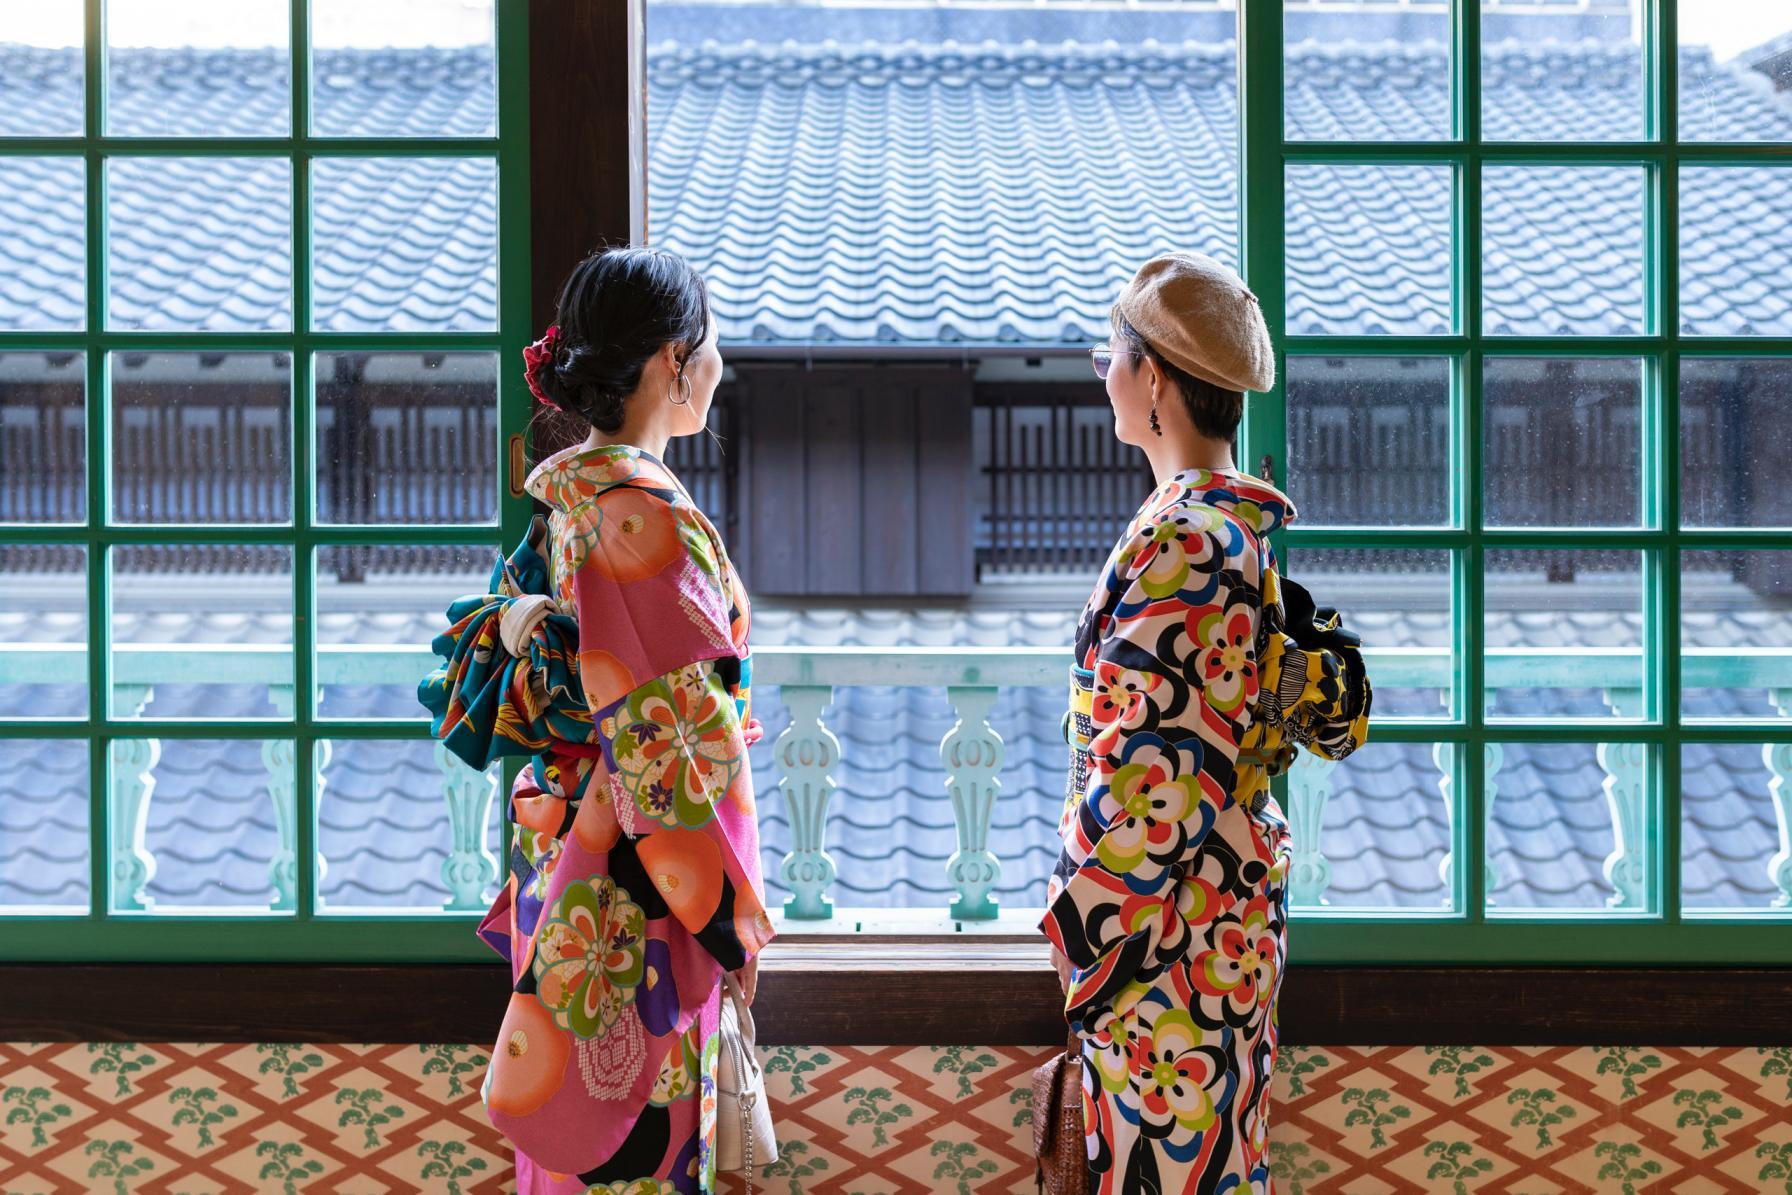 今度の長崎旅は!レトロでアンティークな着物レンタルでめぐる長崎観光のススメ-3